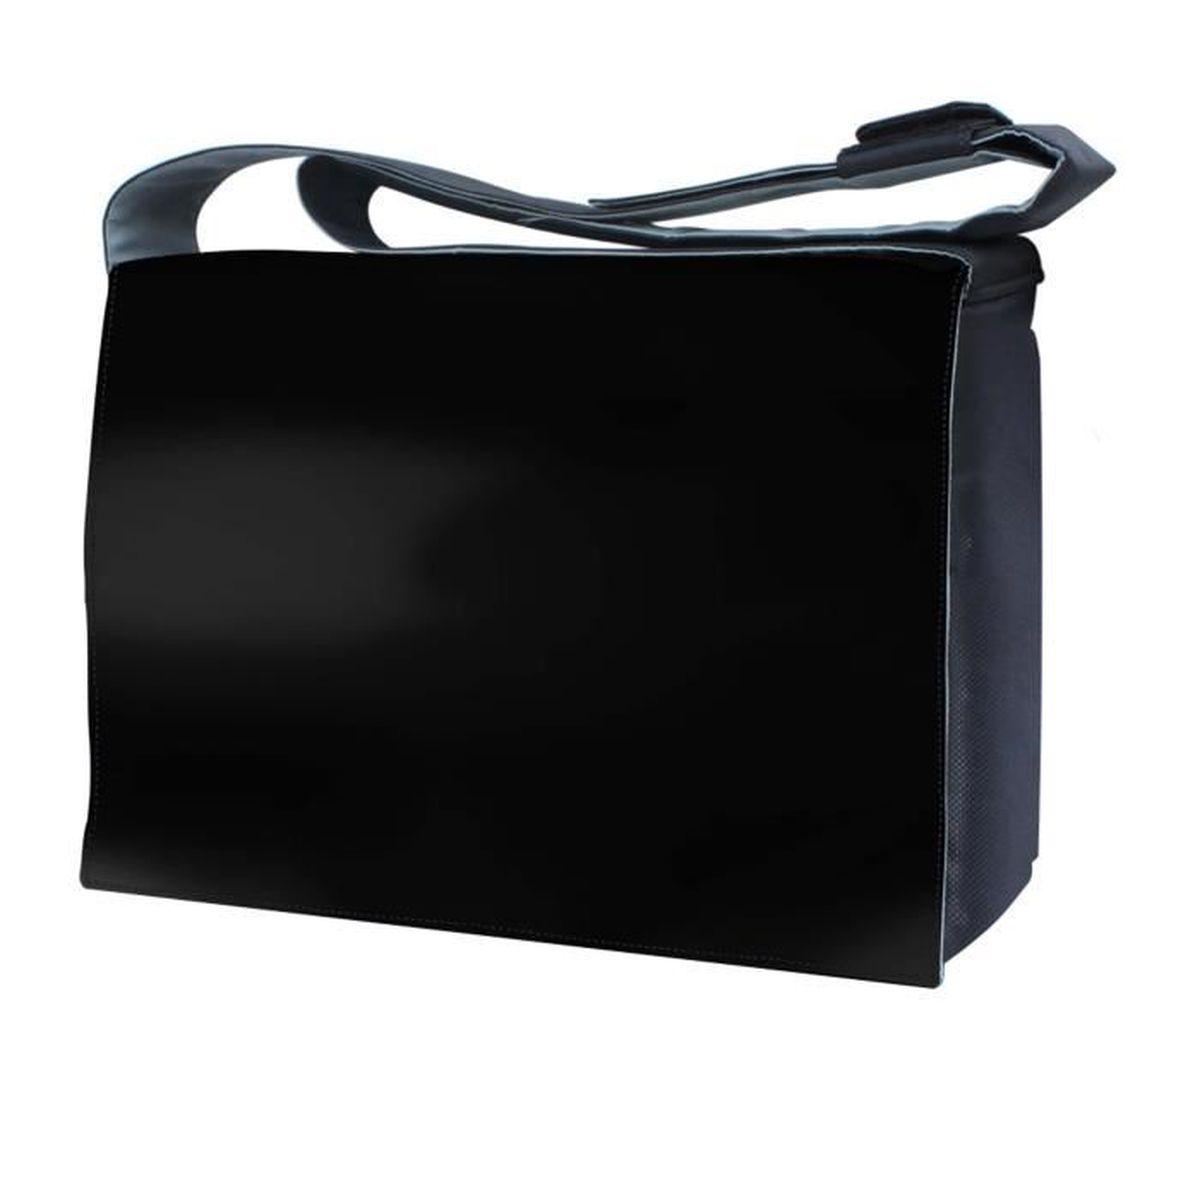 luxburg 17 pouces sac de messager badouli re de luxe pour ordinateur portable noir achat. Black Bedroom Furniture Sets. Home Design Ideas